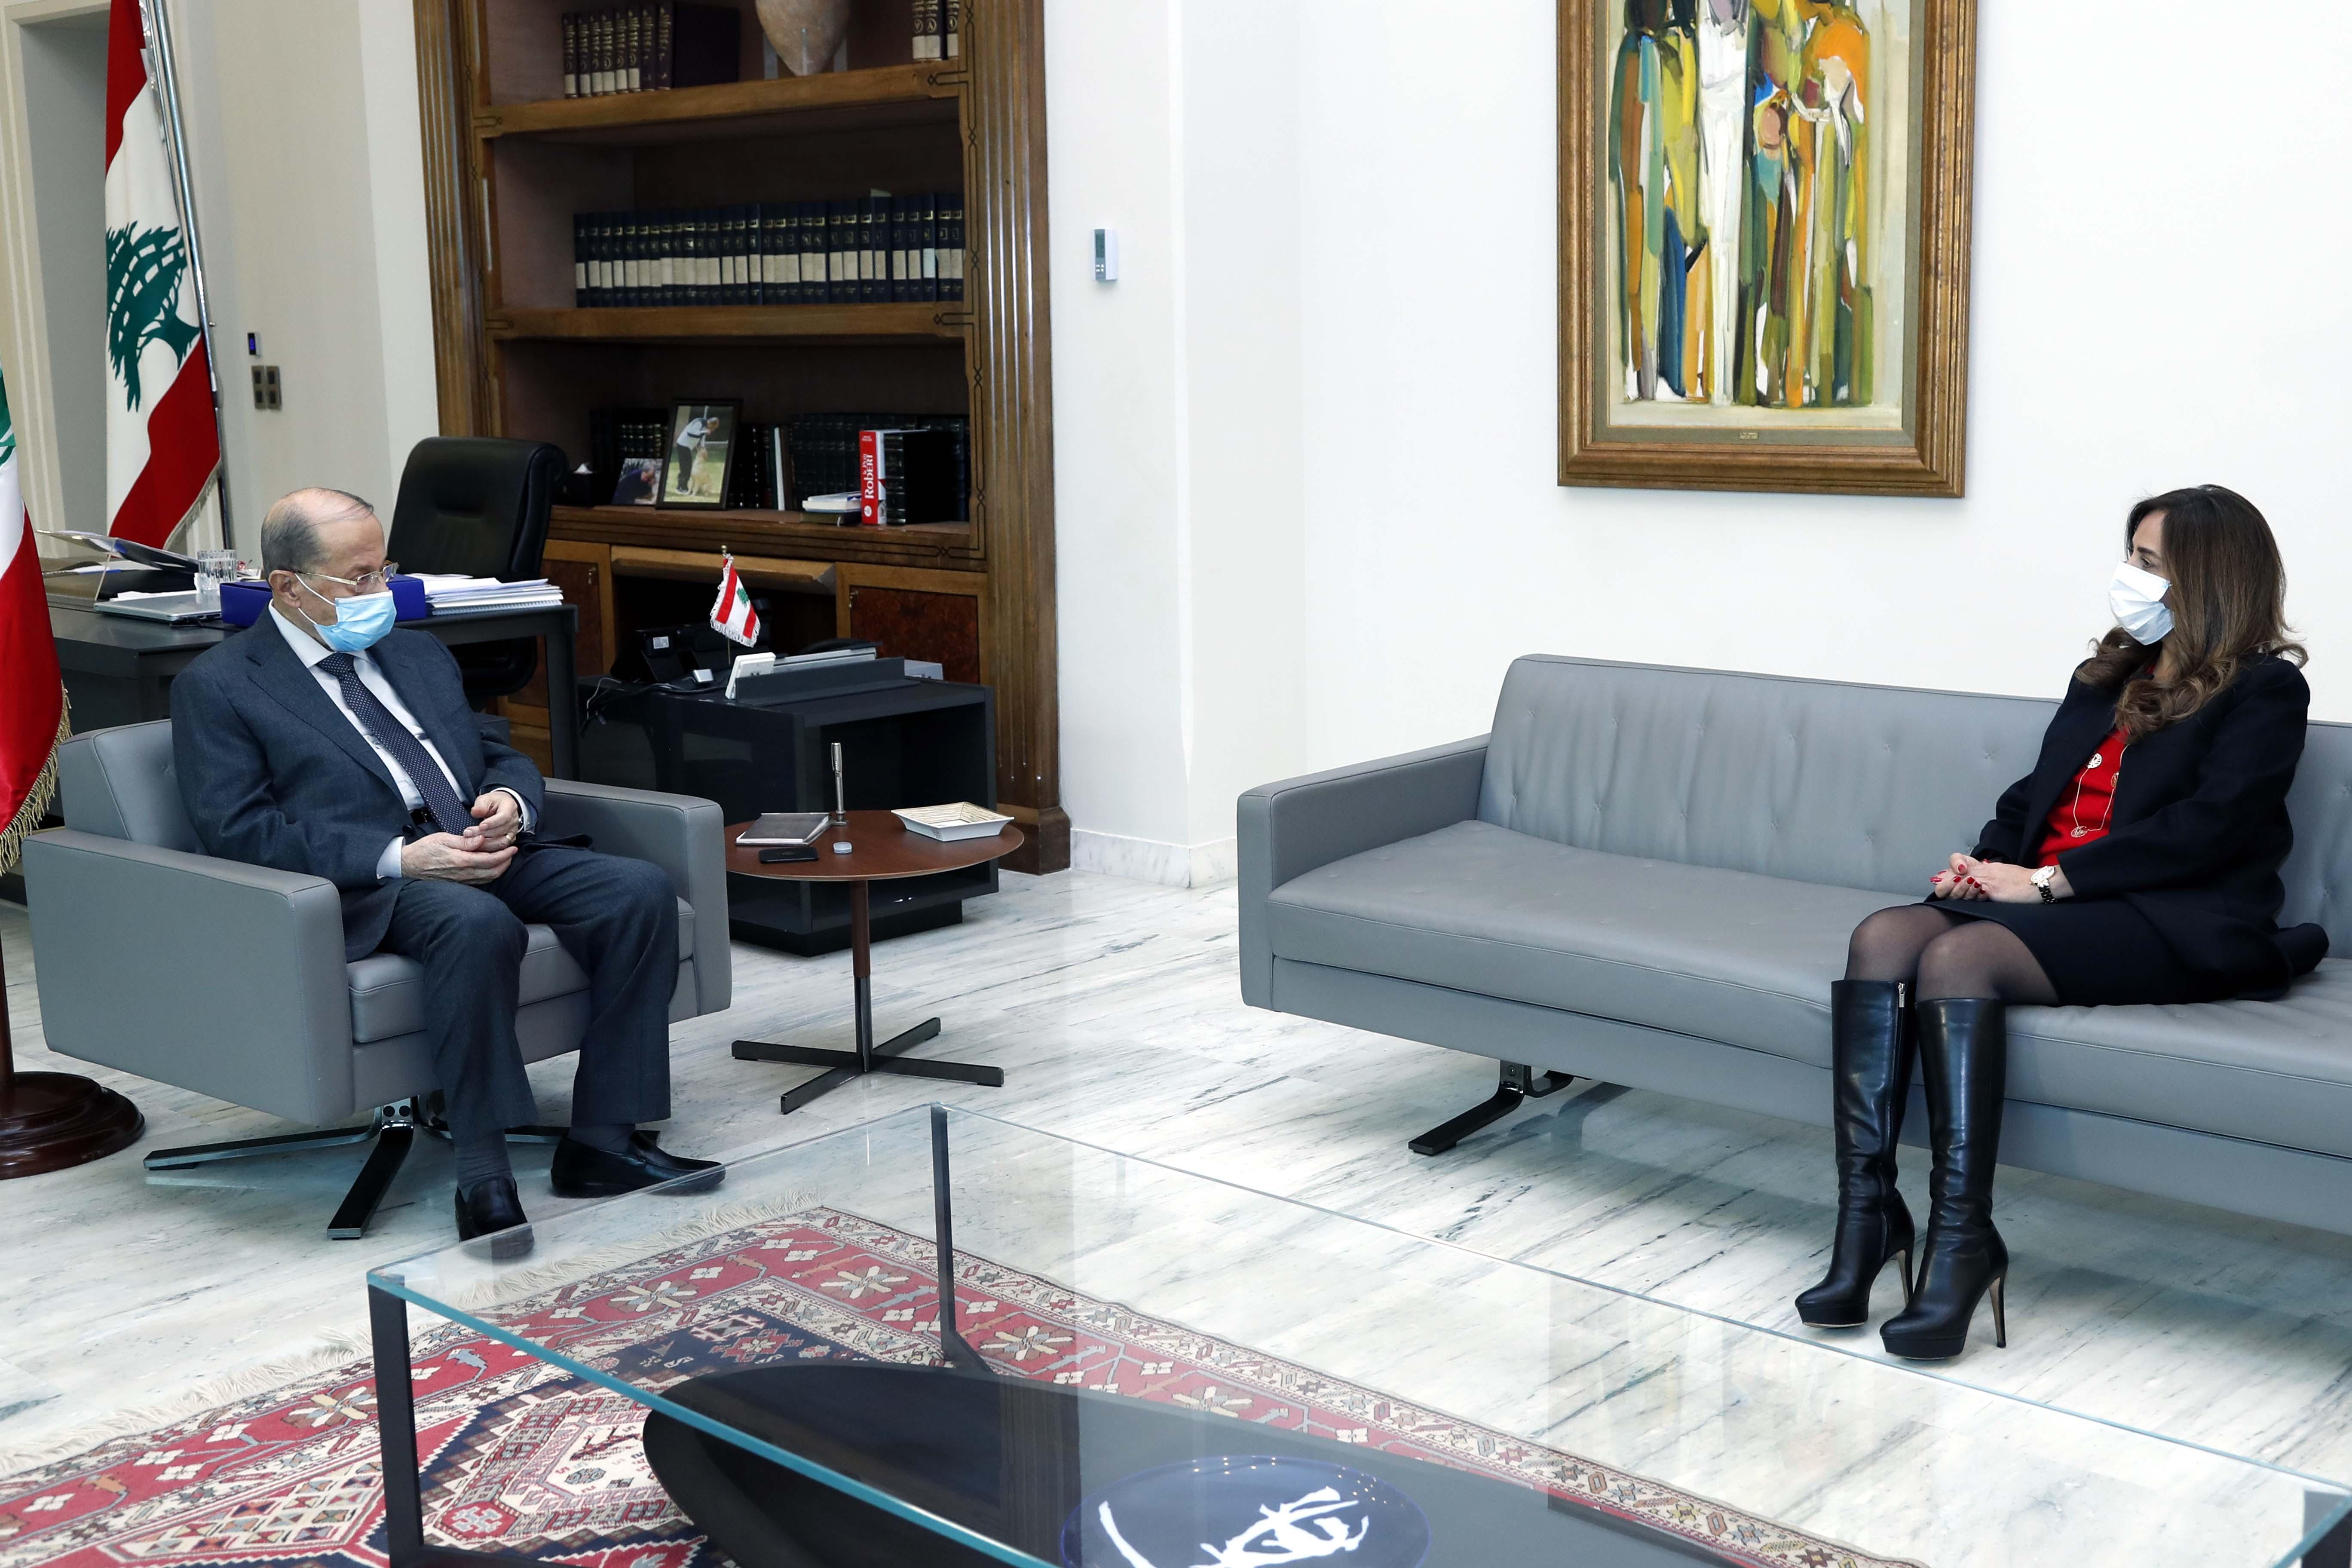 1 - Minister of Defense and Deputy Prime Minister Zeina Akar